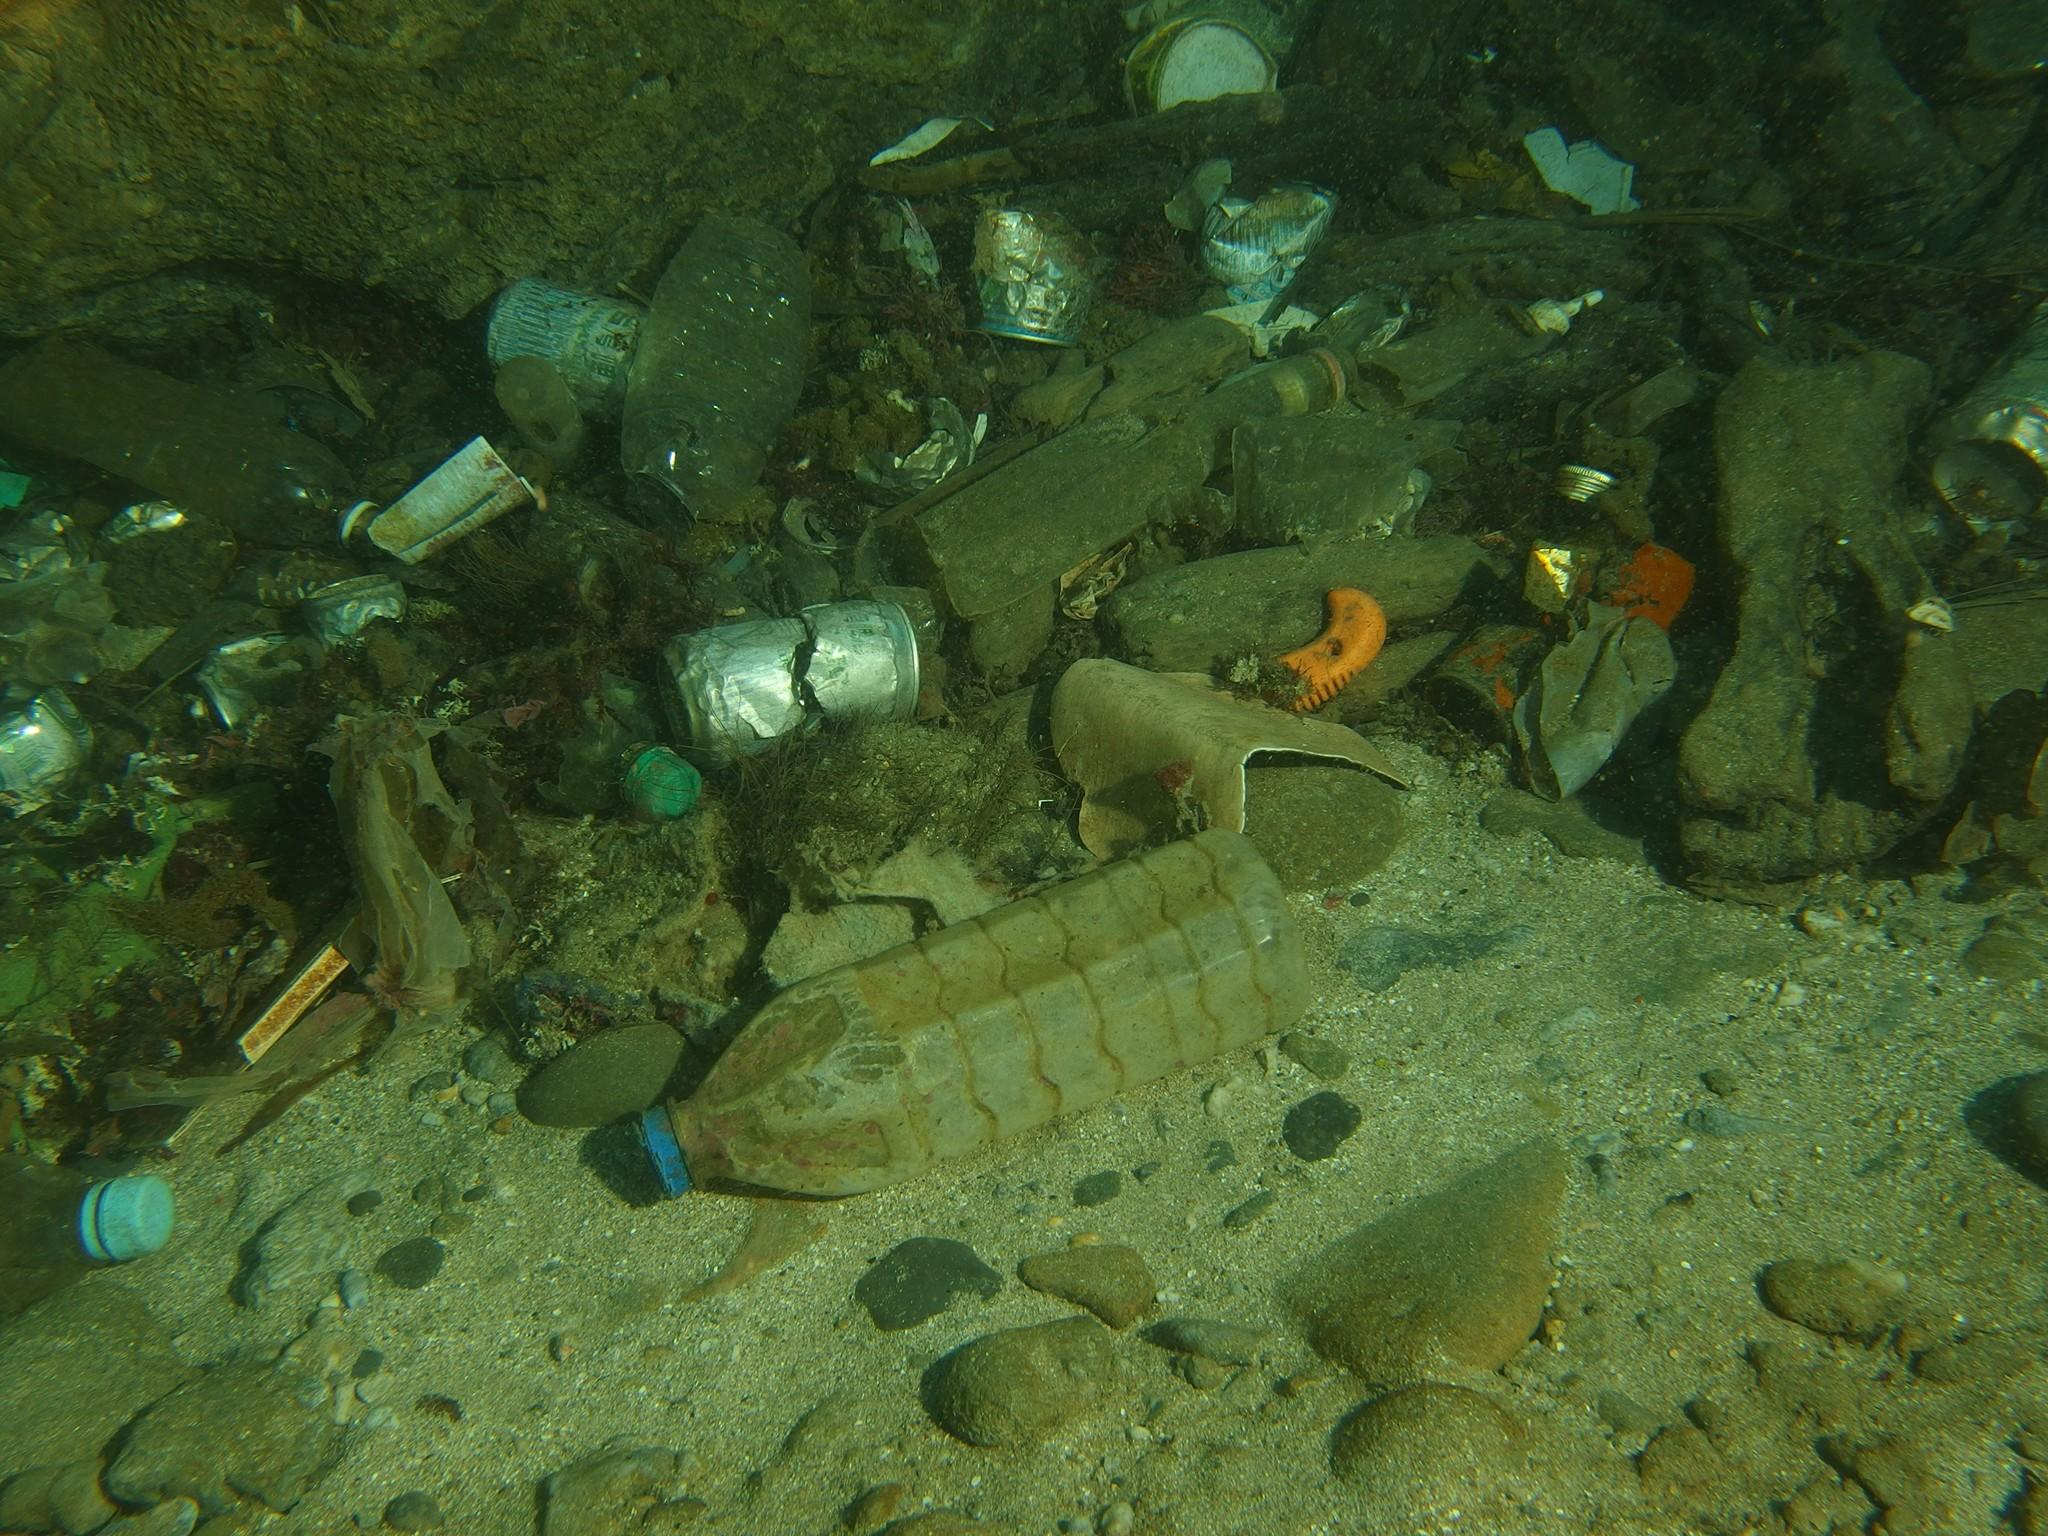 寶特瓶、空罐與魚網是海底中常見的垃圾。 圖片提供/林祐平